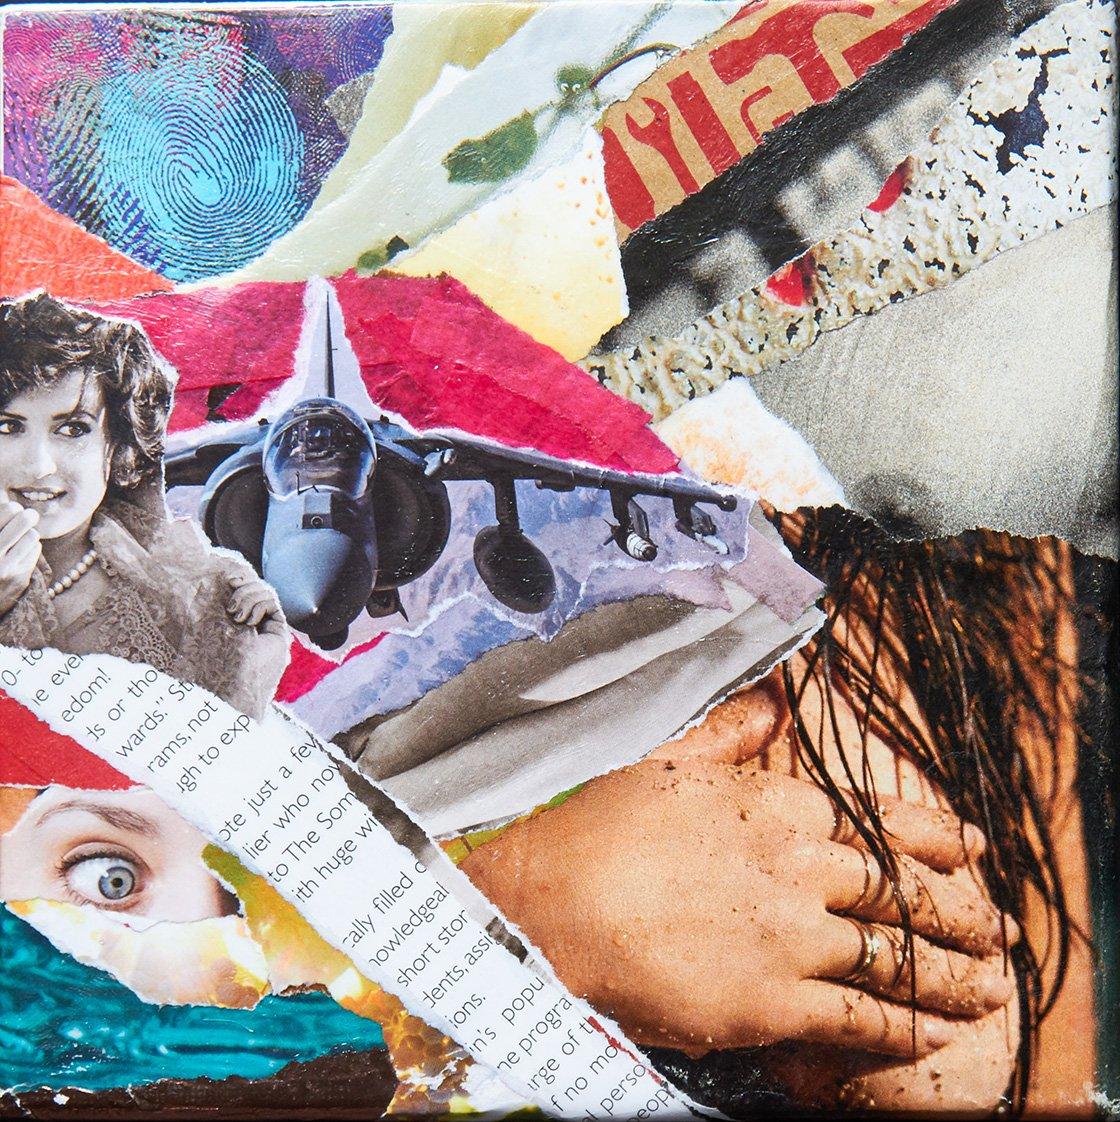 Taboo by Joel Liscio